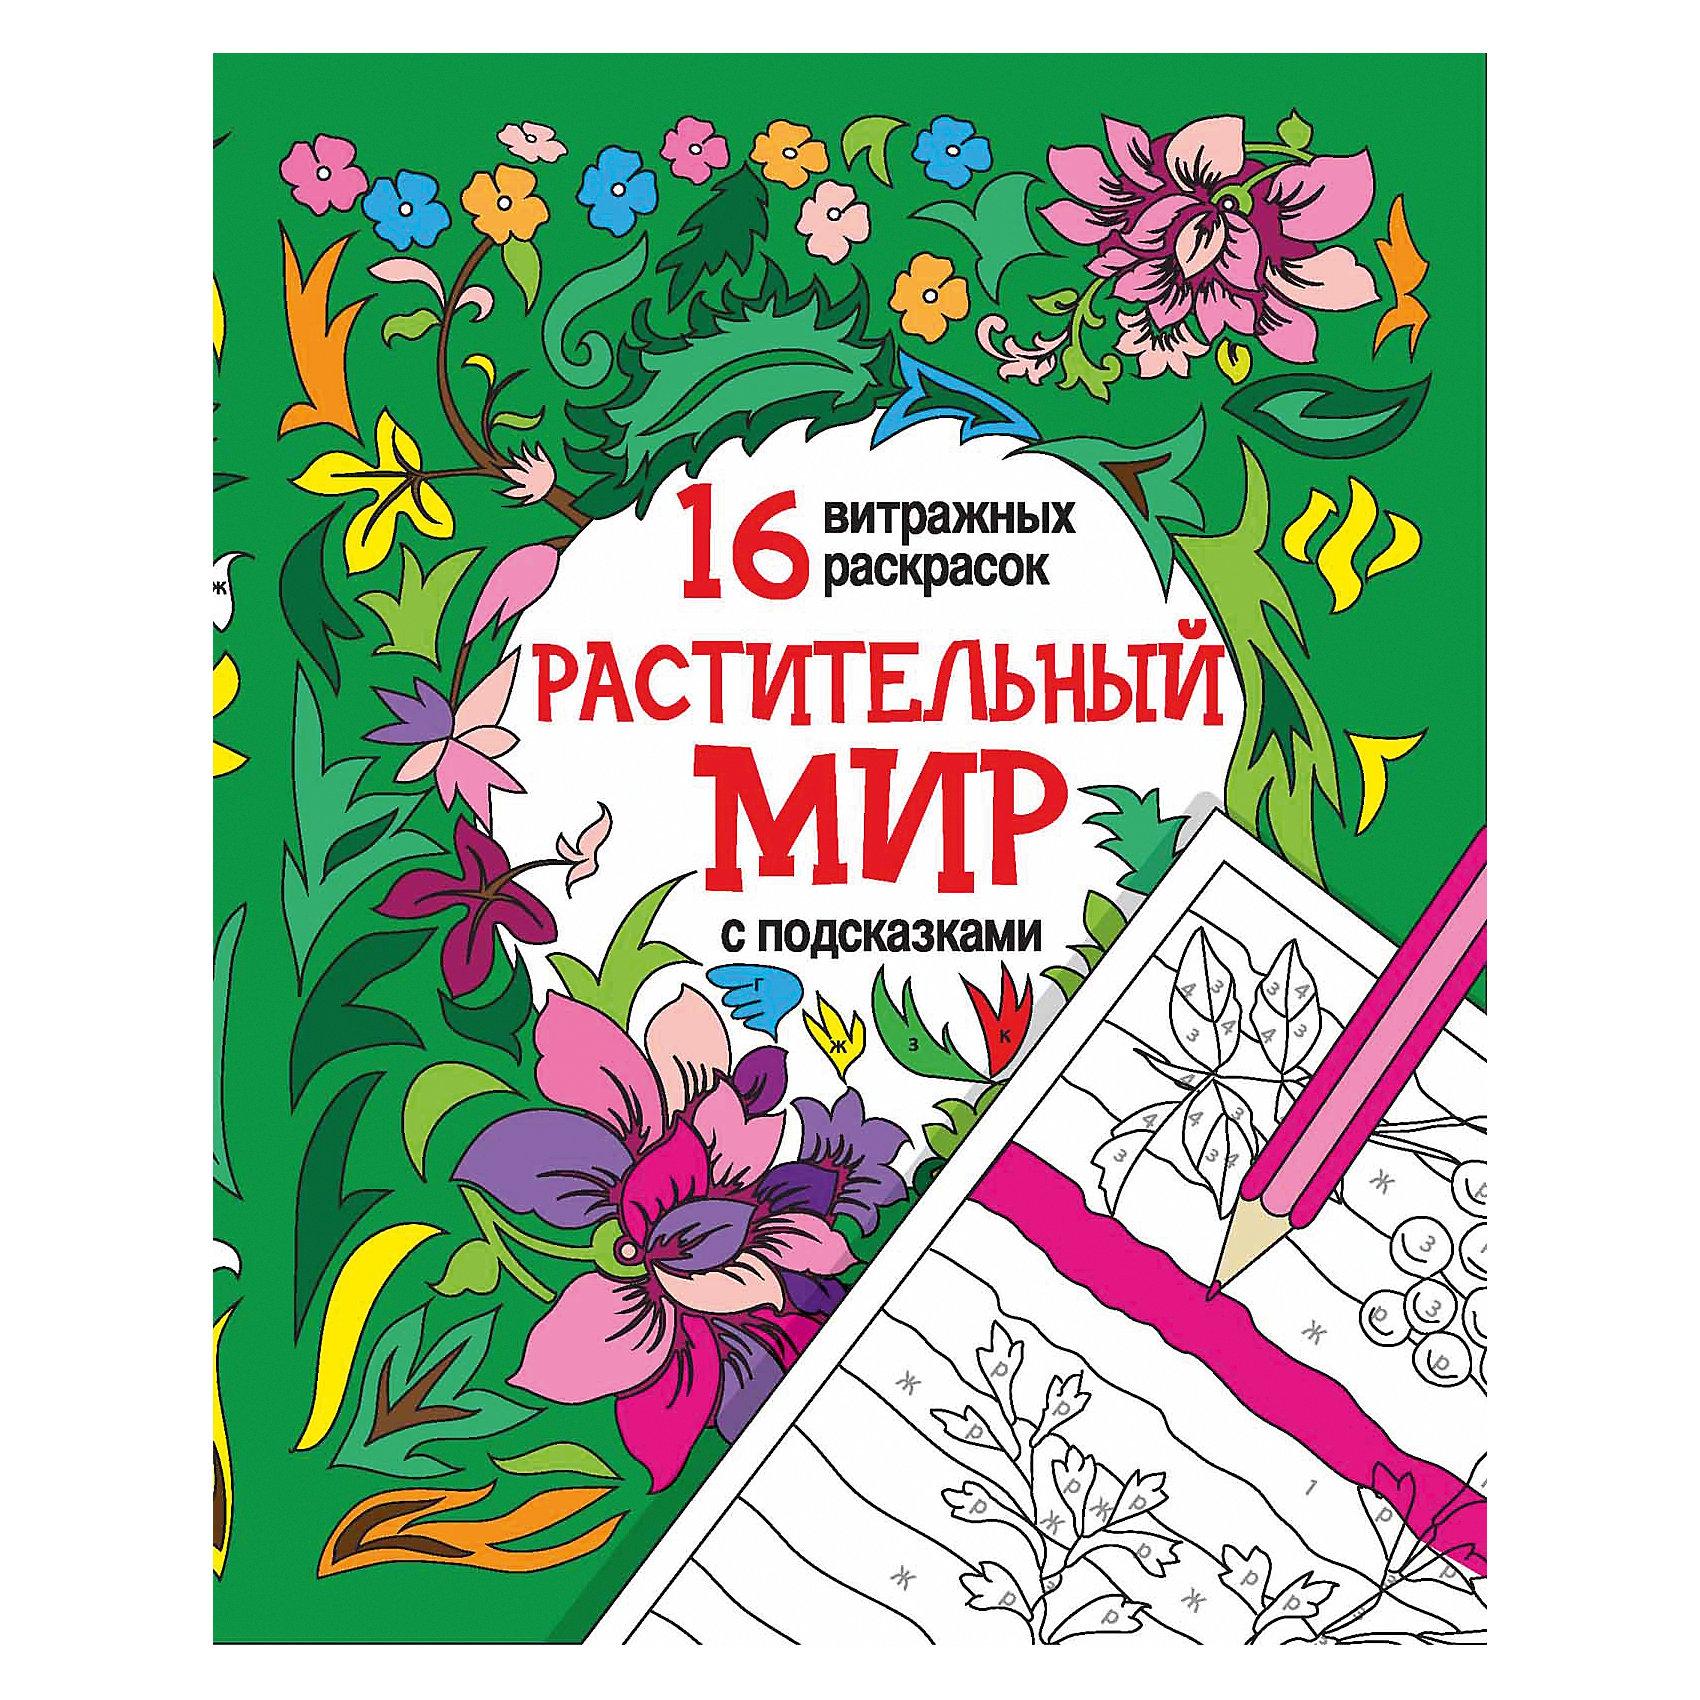 Раскраска Растительный мирРисование<br>Книга Растительный мир<br><br>Характеристики: <br><br>• Кол-во страниц: 16<br>• ISBN: 9785222273166<br>• Возраст: 0+<br>• Обложка: мягкая<br>• Формат: а4<br><br>Эта раскраска представлена в виде витражей с дополнительными подсказками, для облегчения работы и возможности расслабиться в процессе раскрашивания. Сочетания цветов и оттенков уже предусмотрены создателями и остается только воплотить задуманное в жизнь, пользуясь подсказками в виде буквенных и цифровых кодов. Раскраска особенно поможет тем, кто хочет просто расслабиться, не задумываясь о том, как подобрать следующий цвет и создать красивое их сочетание. Просто делай и получится хорошо.<br><br>Книга Растительный мир можно купить в нашем интернет-магазине.<br><br>Ширина мм: 260<br>Глубина мм: 199<br>Высота мм: 20<br>Вес г: 62<br>Возраст от месяцев: 72<br>Возраст до месяцев: 2147483647<br>Пол: Унисекс<br>Возраст: Детский<br>SKU: 5464559